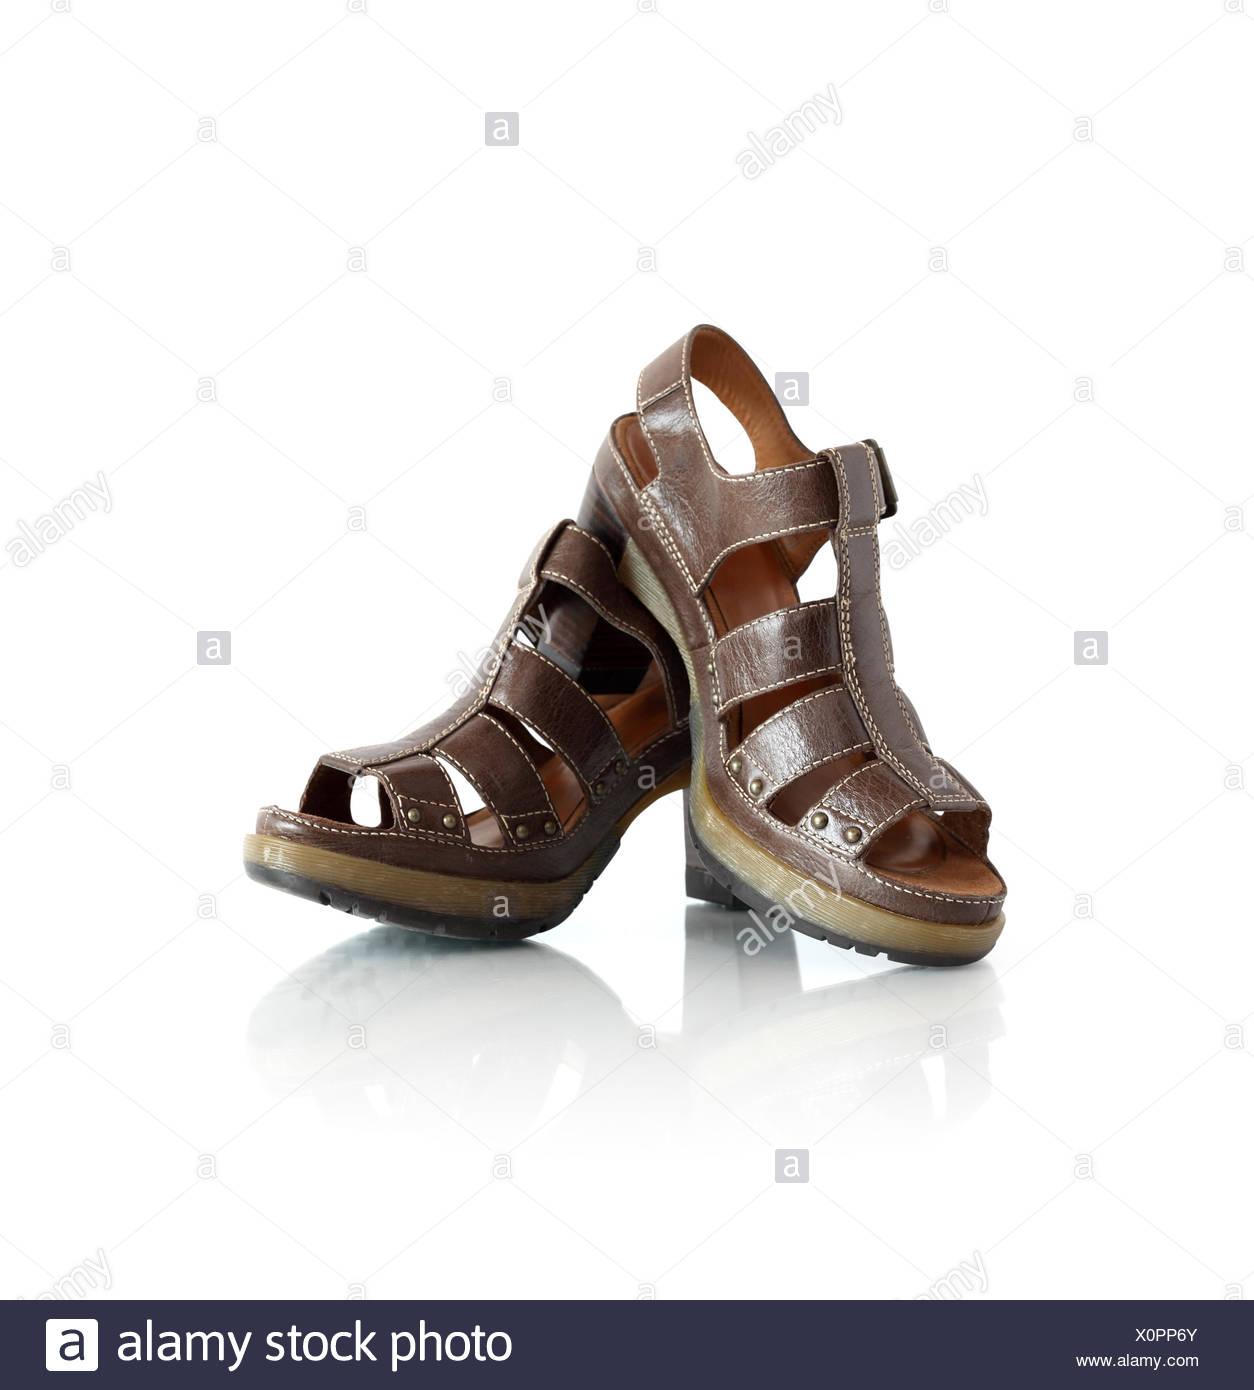 Stylish Female Summer Shoes - Stock Image